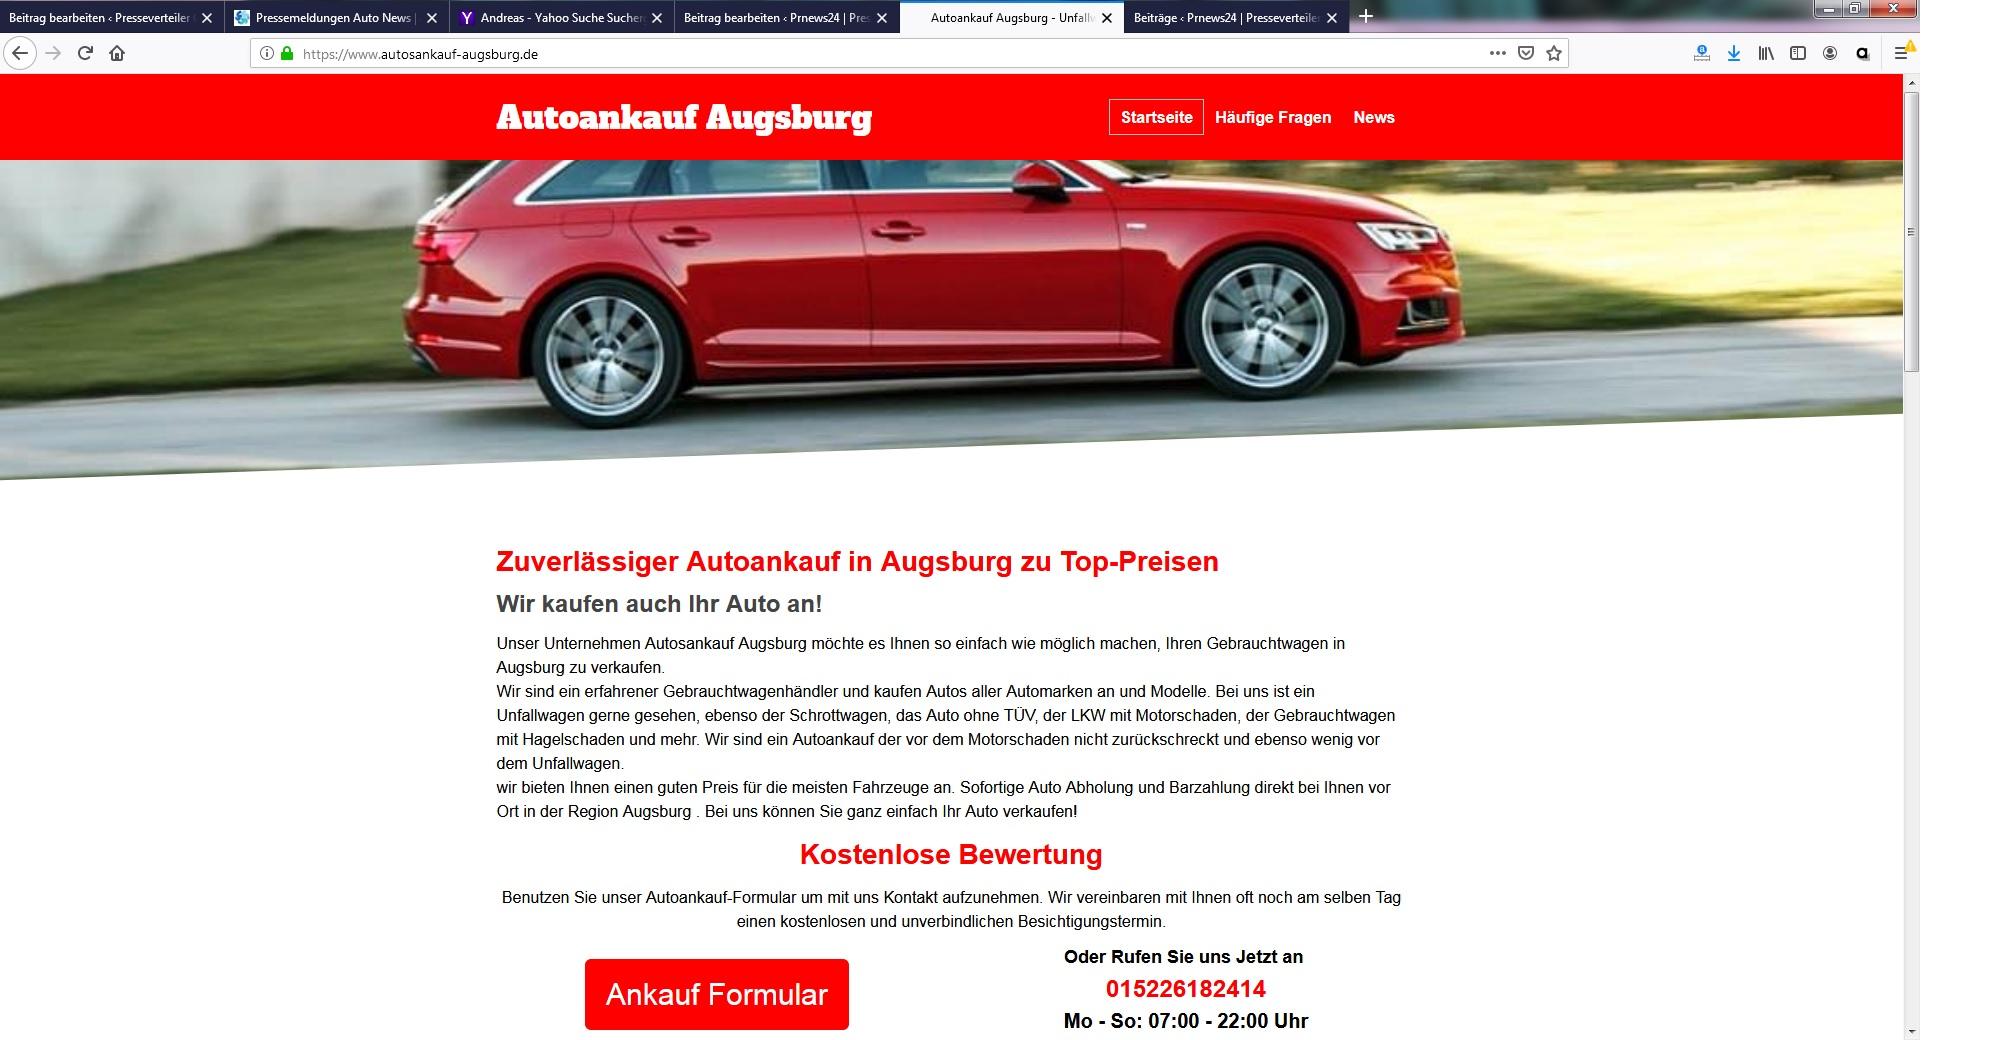 Autosankauf in Augsburg